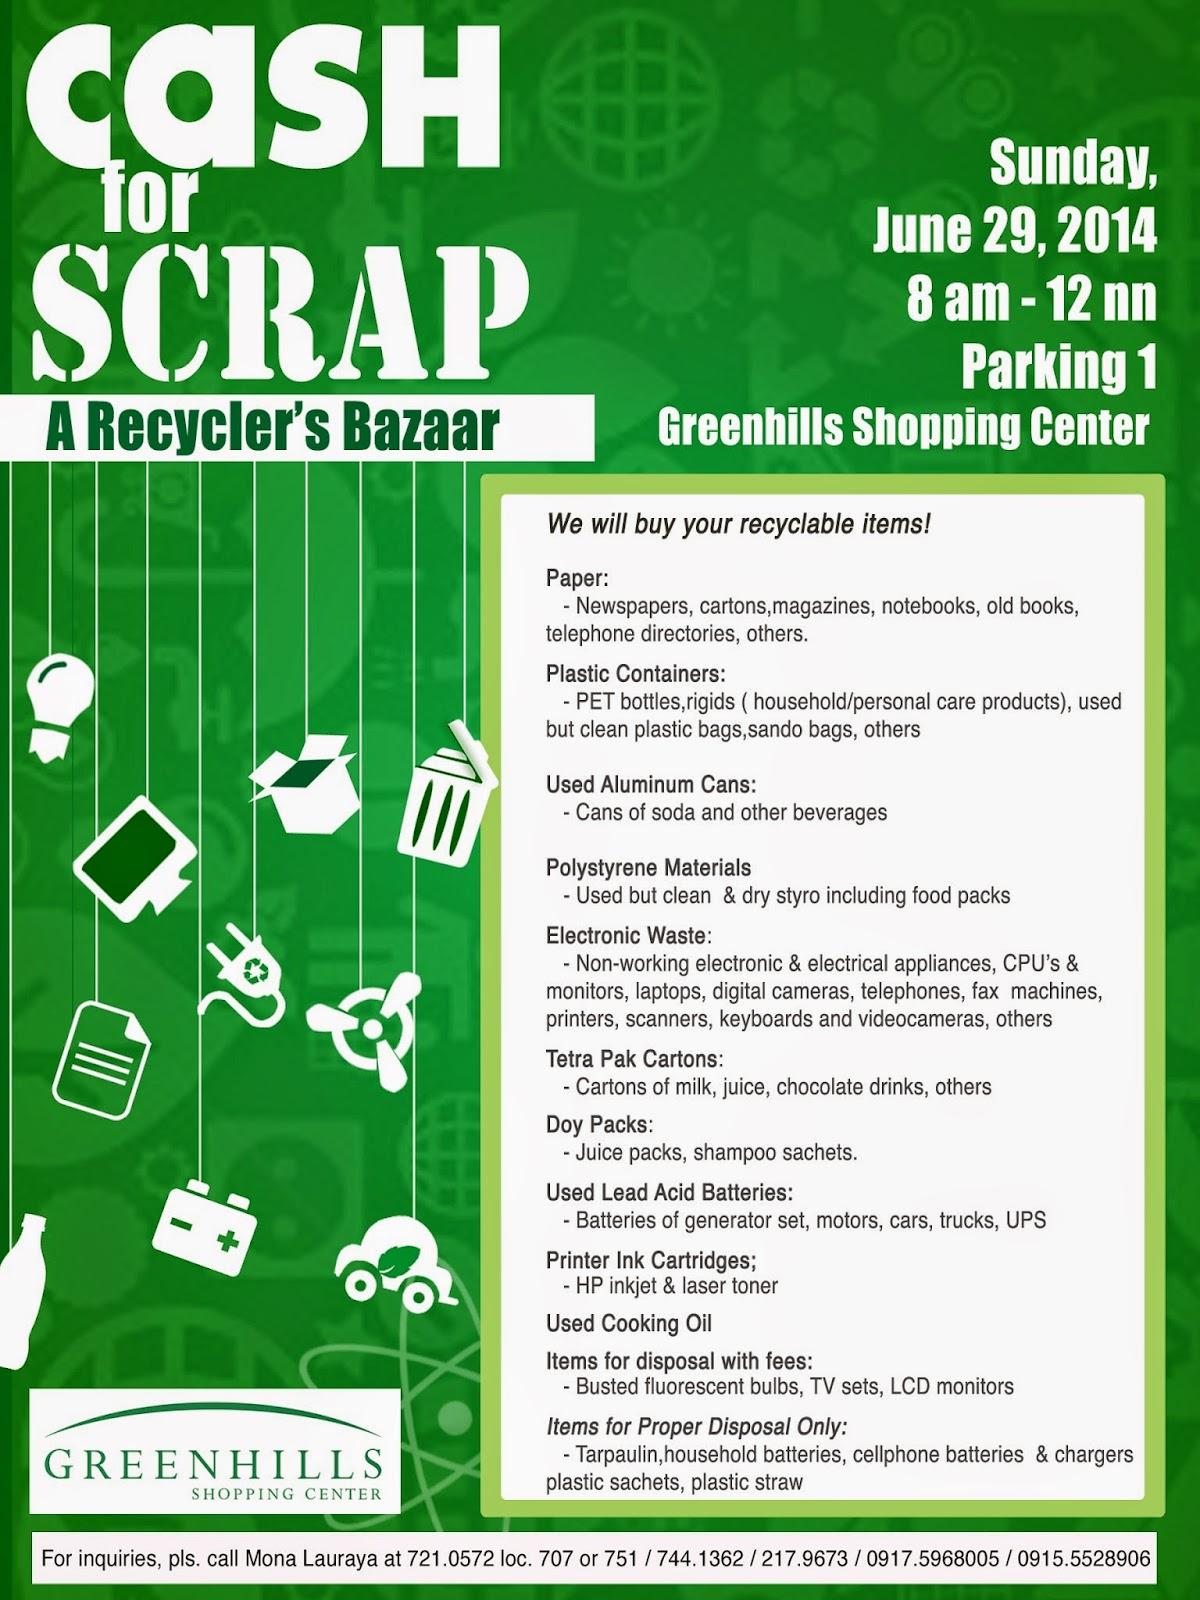 Cash for Scrap: A Recyclers' Bazaar